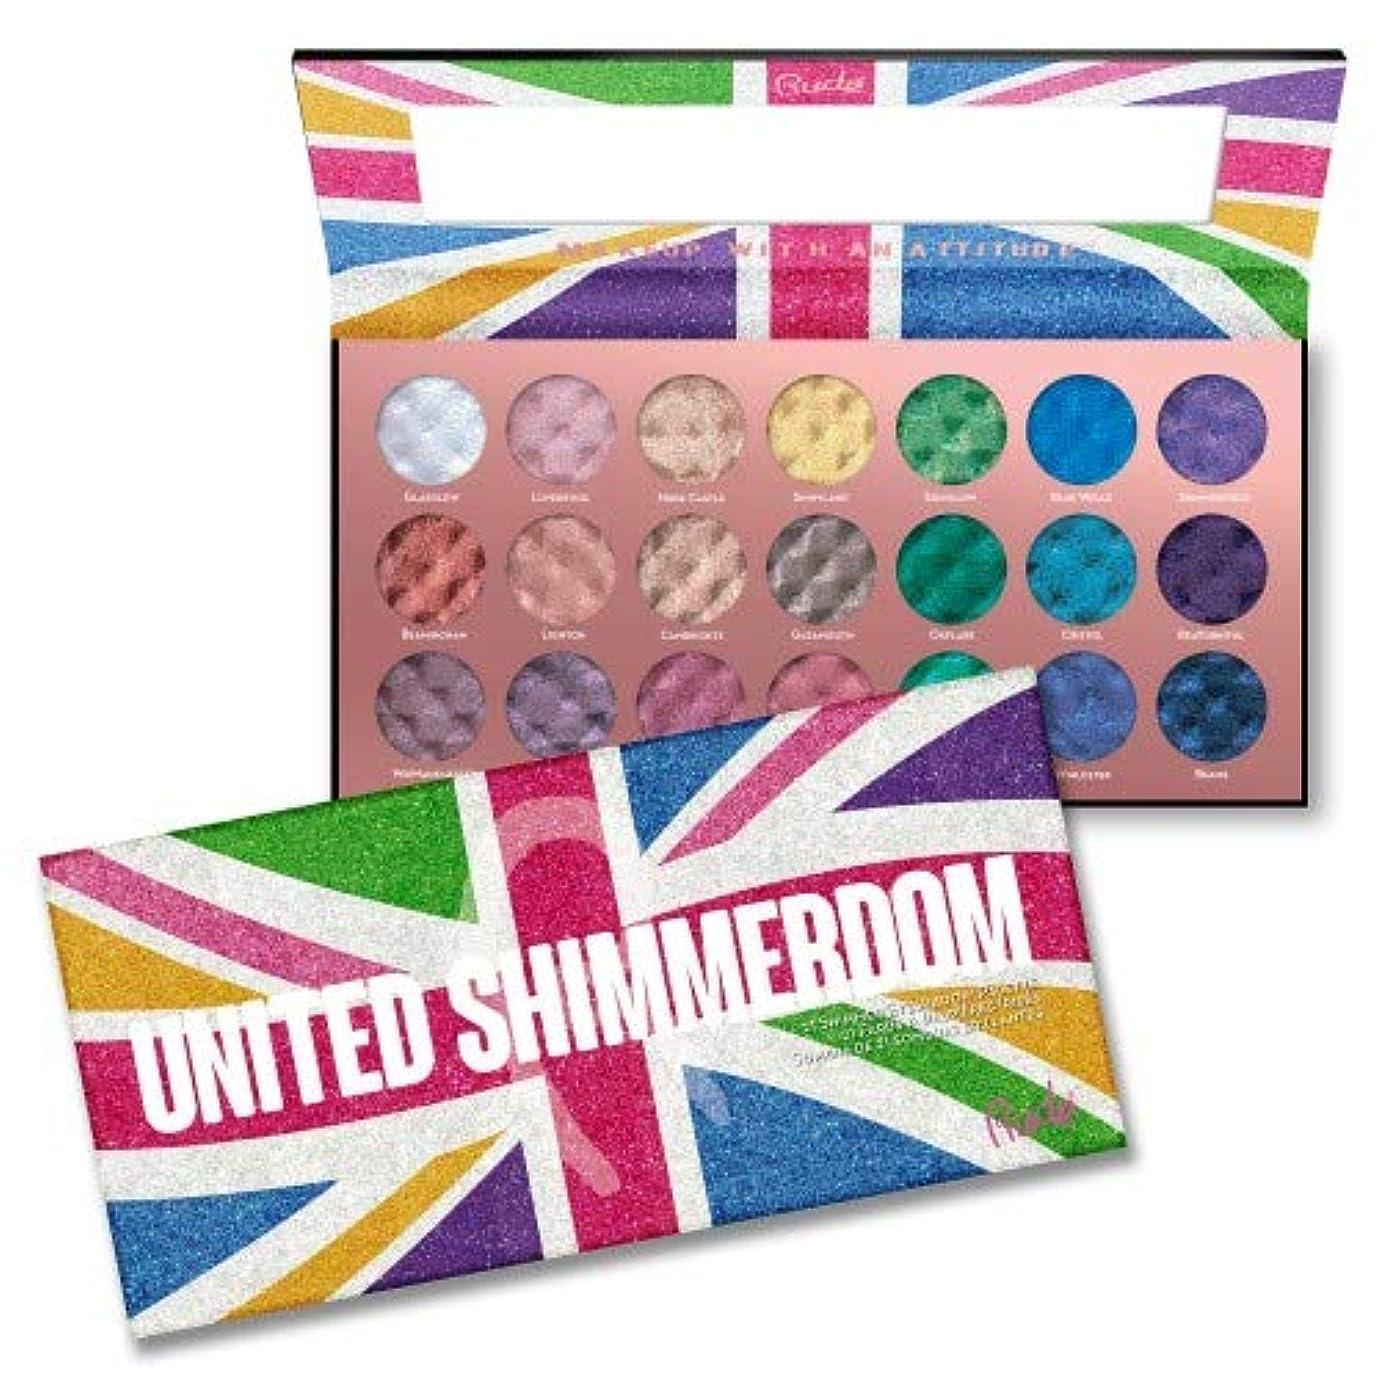 ふくろう適切に賞賛RUDE United Shimmerdom - 21 Shimmer Eyeshadow Palette (並行輸入品)